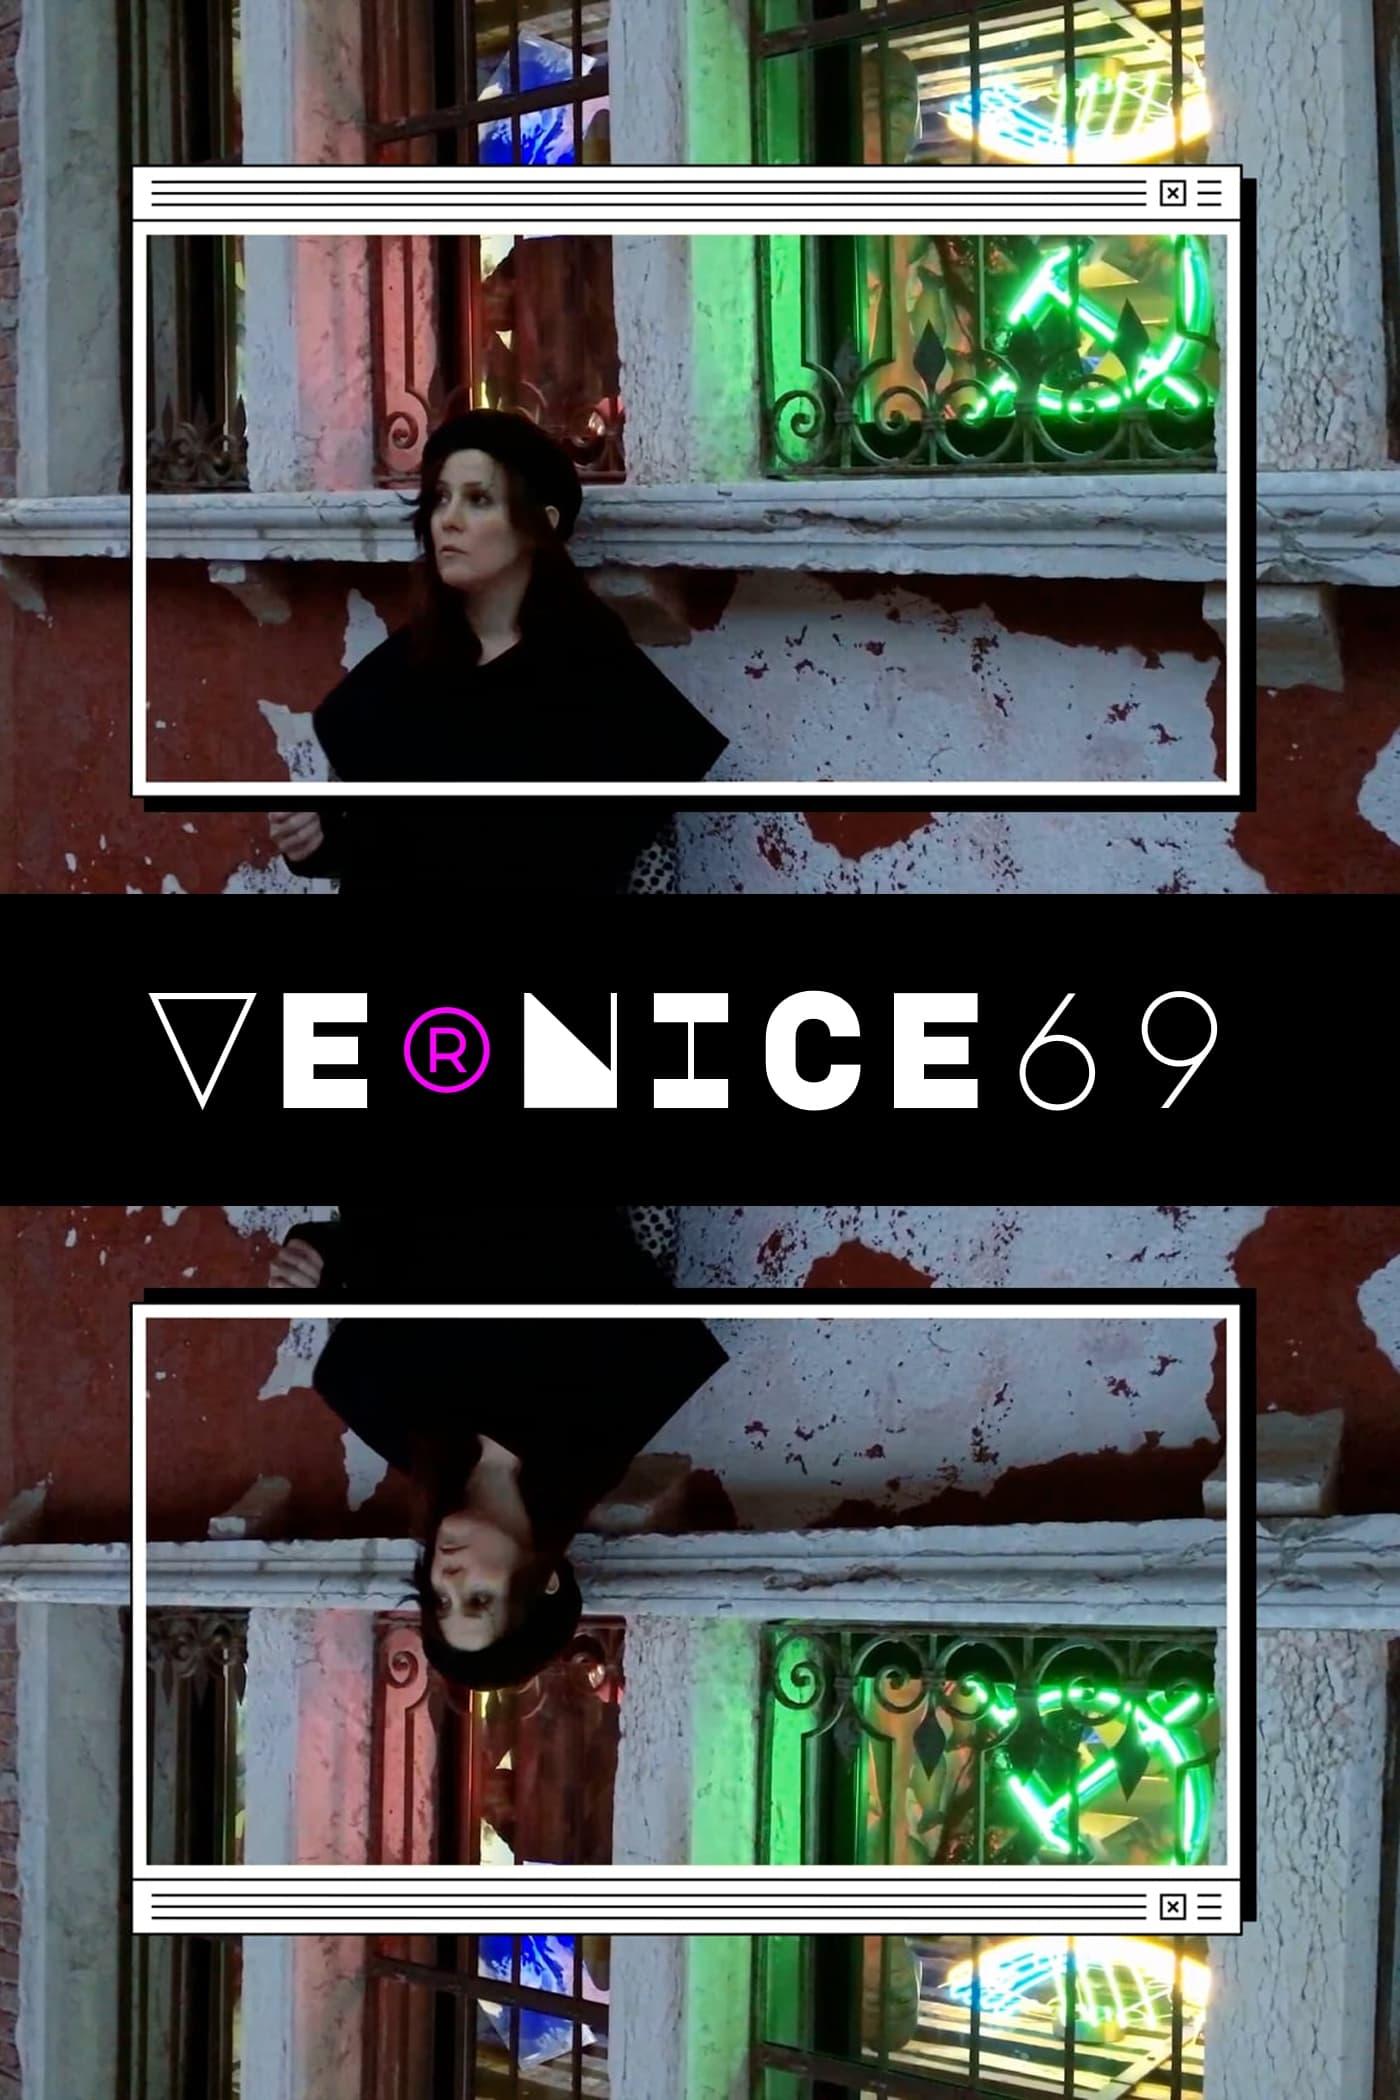 VE®NICE69